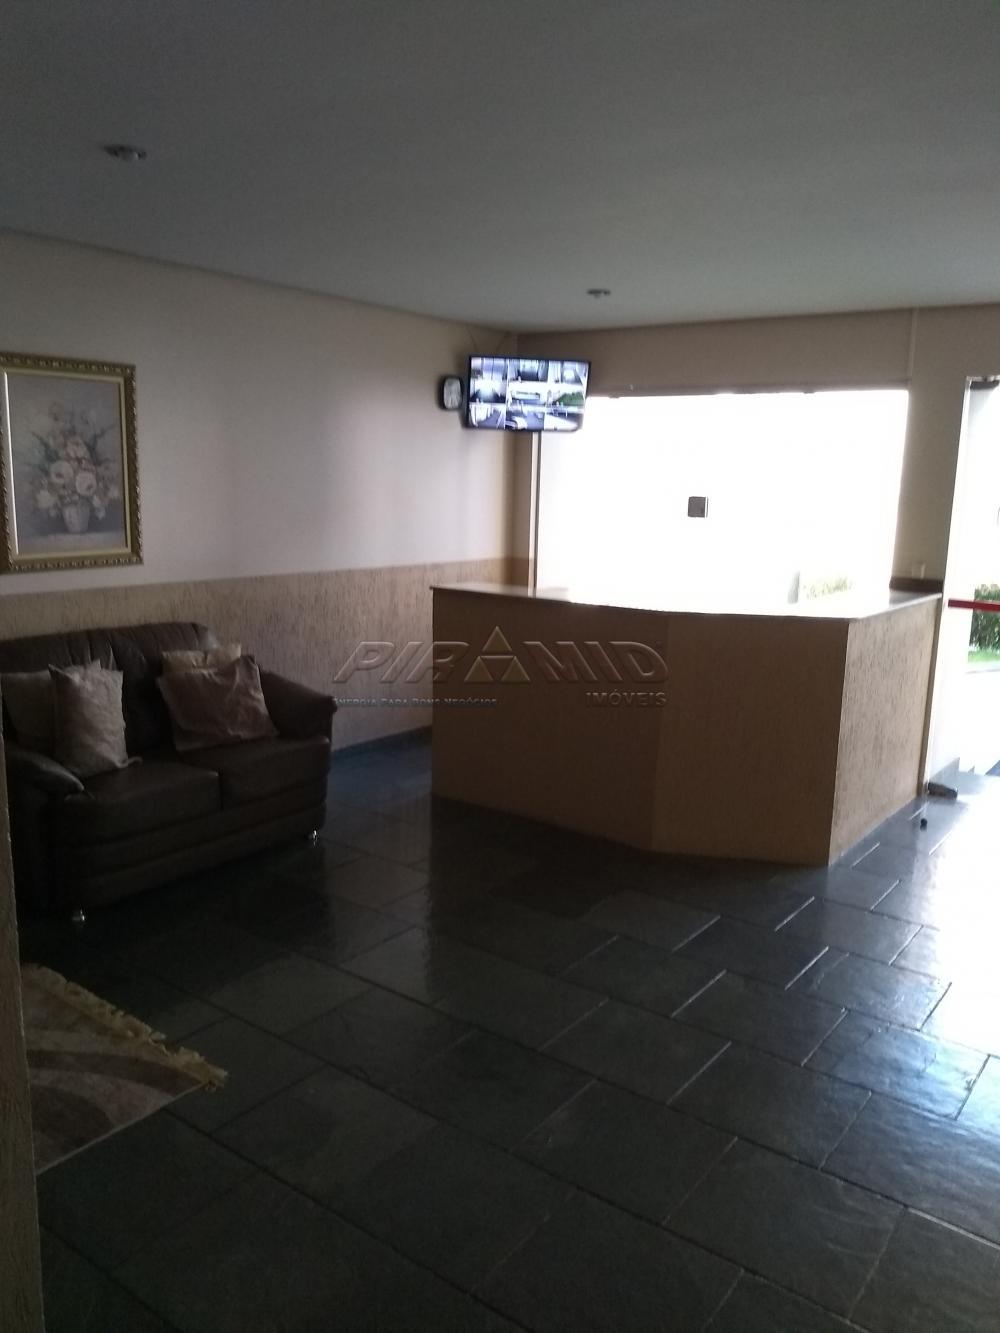 Comprar Apartamento / Padrão em Ribeirão Preto R$ 270.000,00 - Foto 29